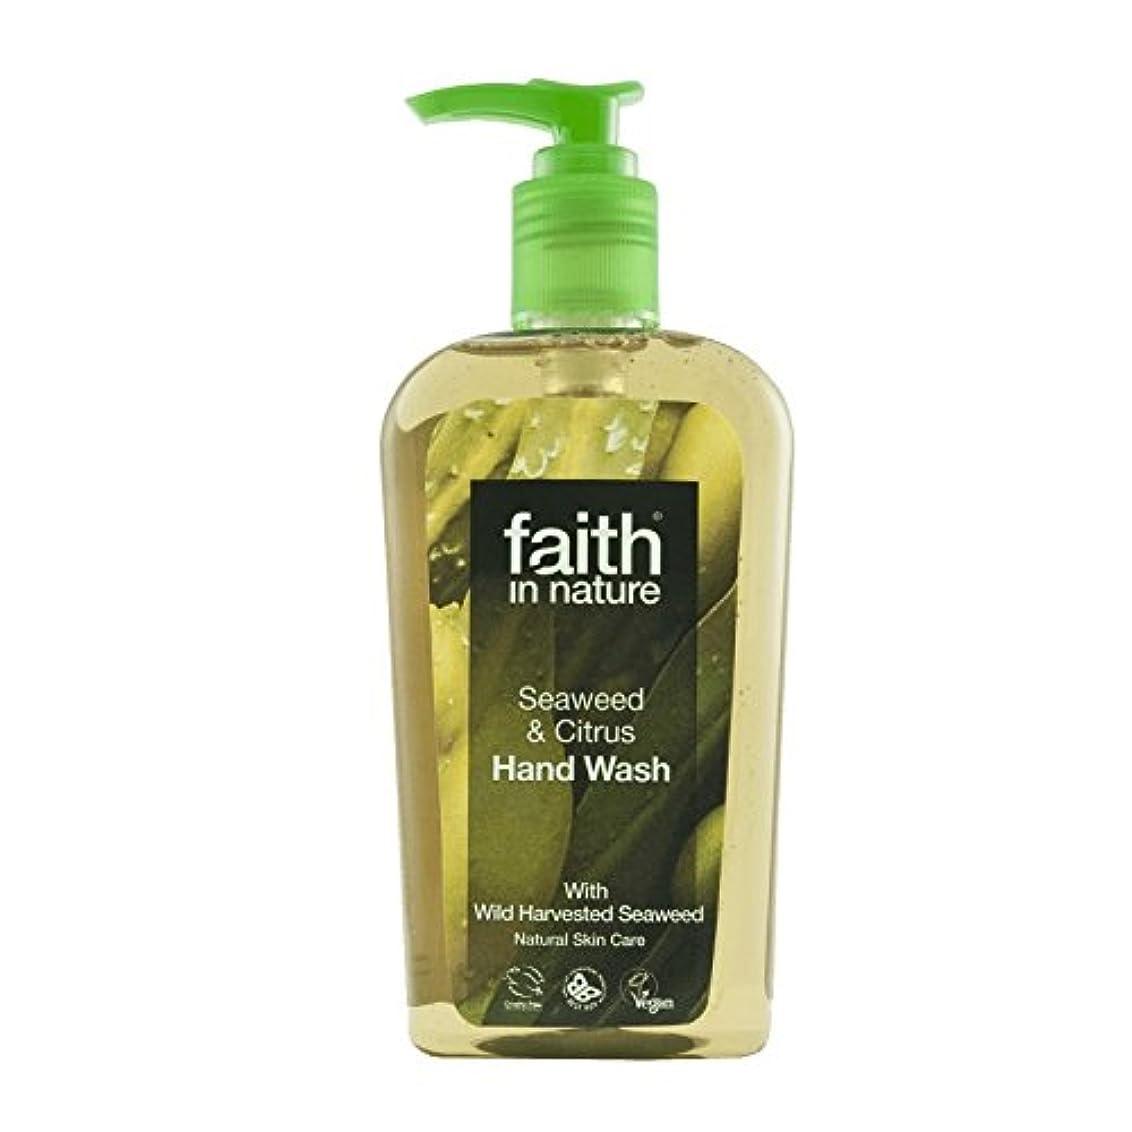 金銭的ギャラントリー等しい自然海藻手洗いの300ミリリットルの信仰 - Faith In Nature Seaweed Handwash 300ml (Faith in Nature) [並行輸入品]